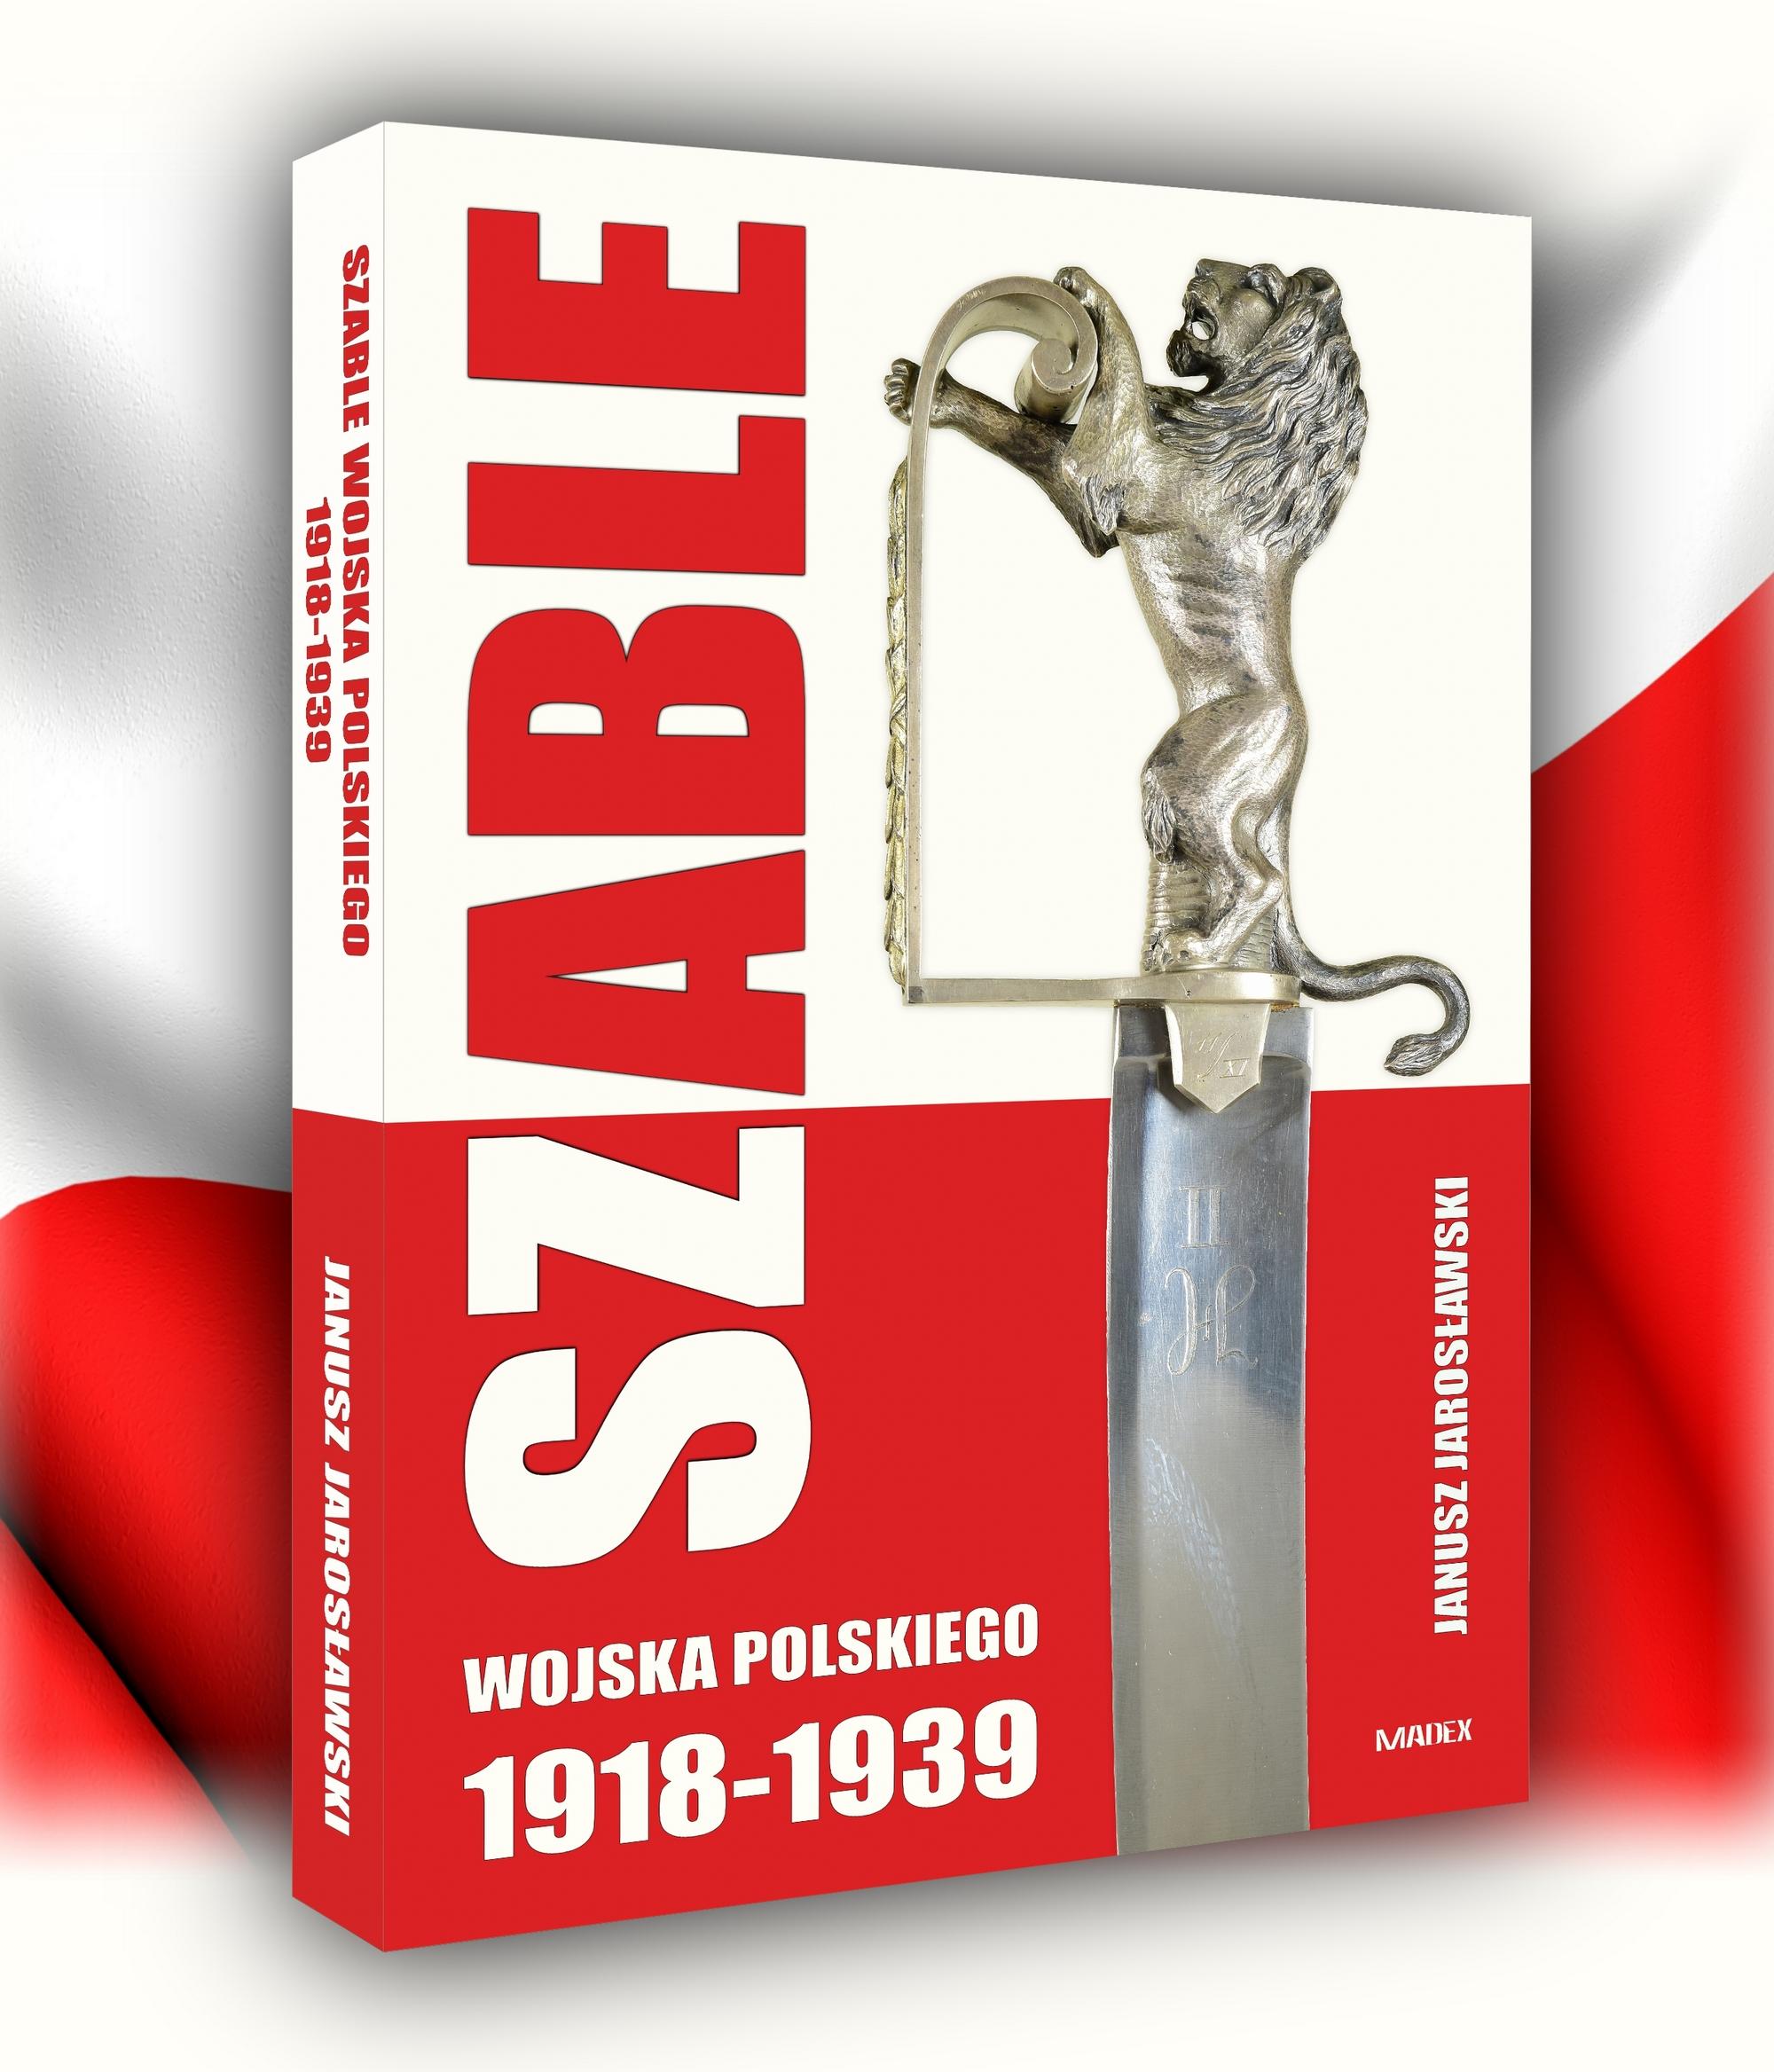 Na okładce książki została zaprezentowana niezwykła szabla stanowiąca prezent od żołnierzy Małopolskiego Oddziału Armii Ochotniczej dla marszałka Edwarda Śmigłego-Rydza.